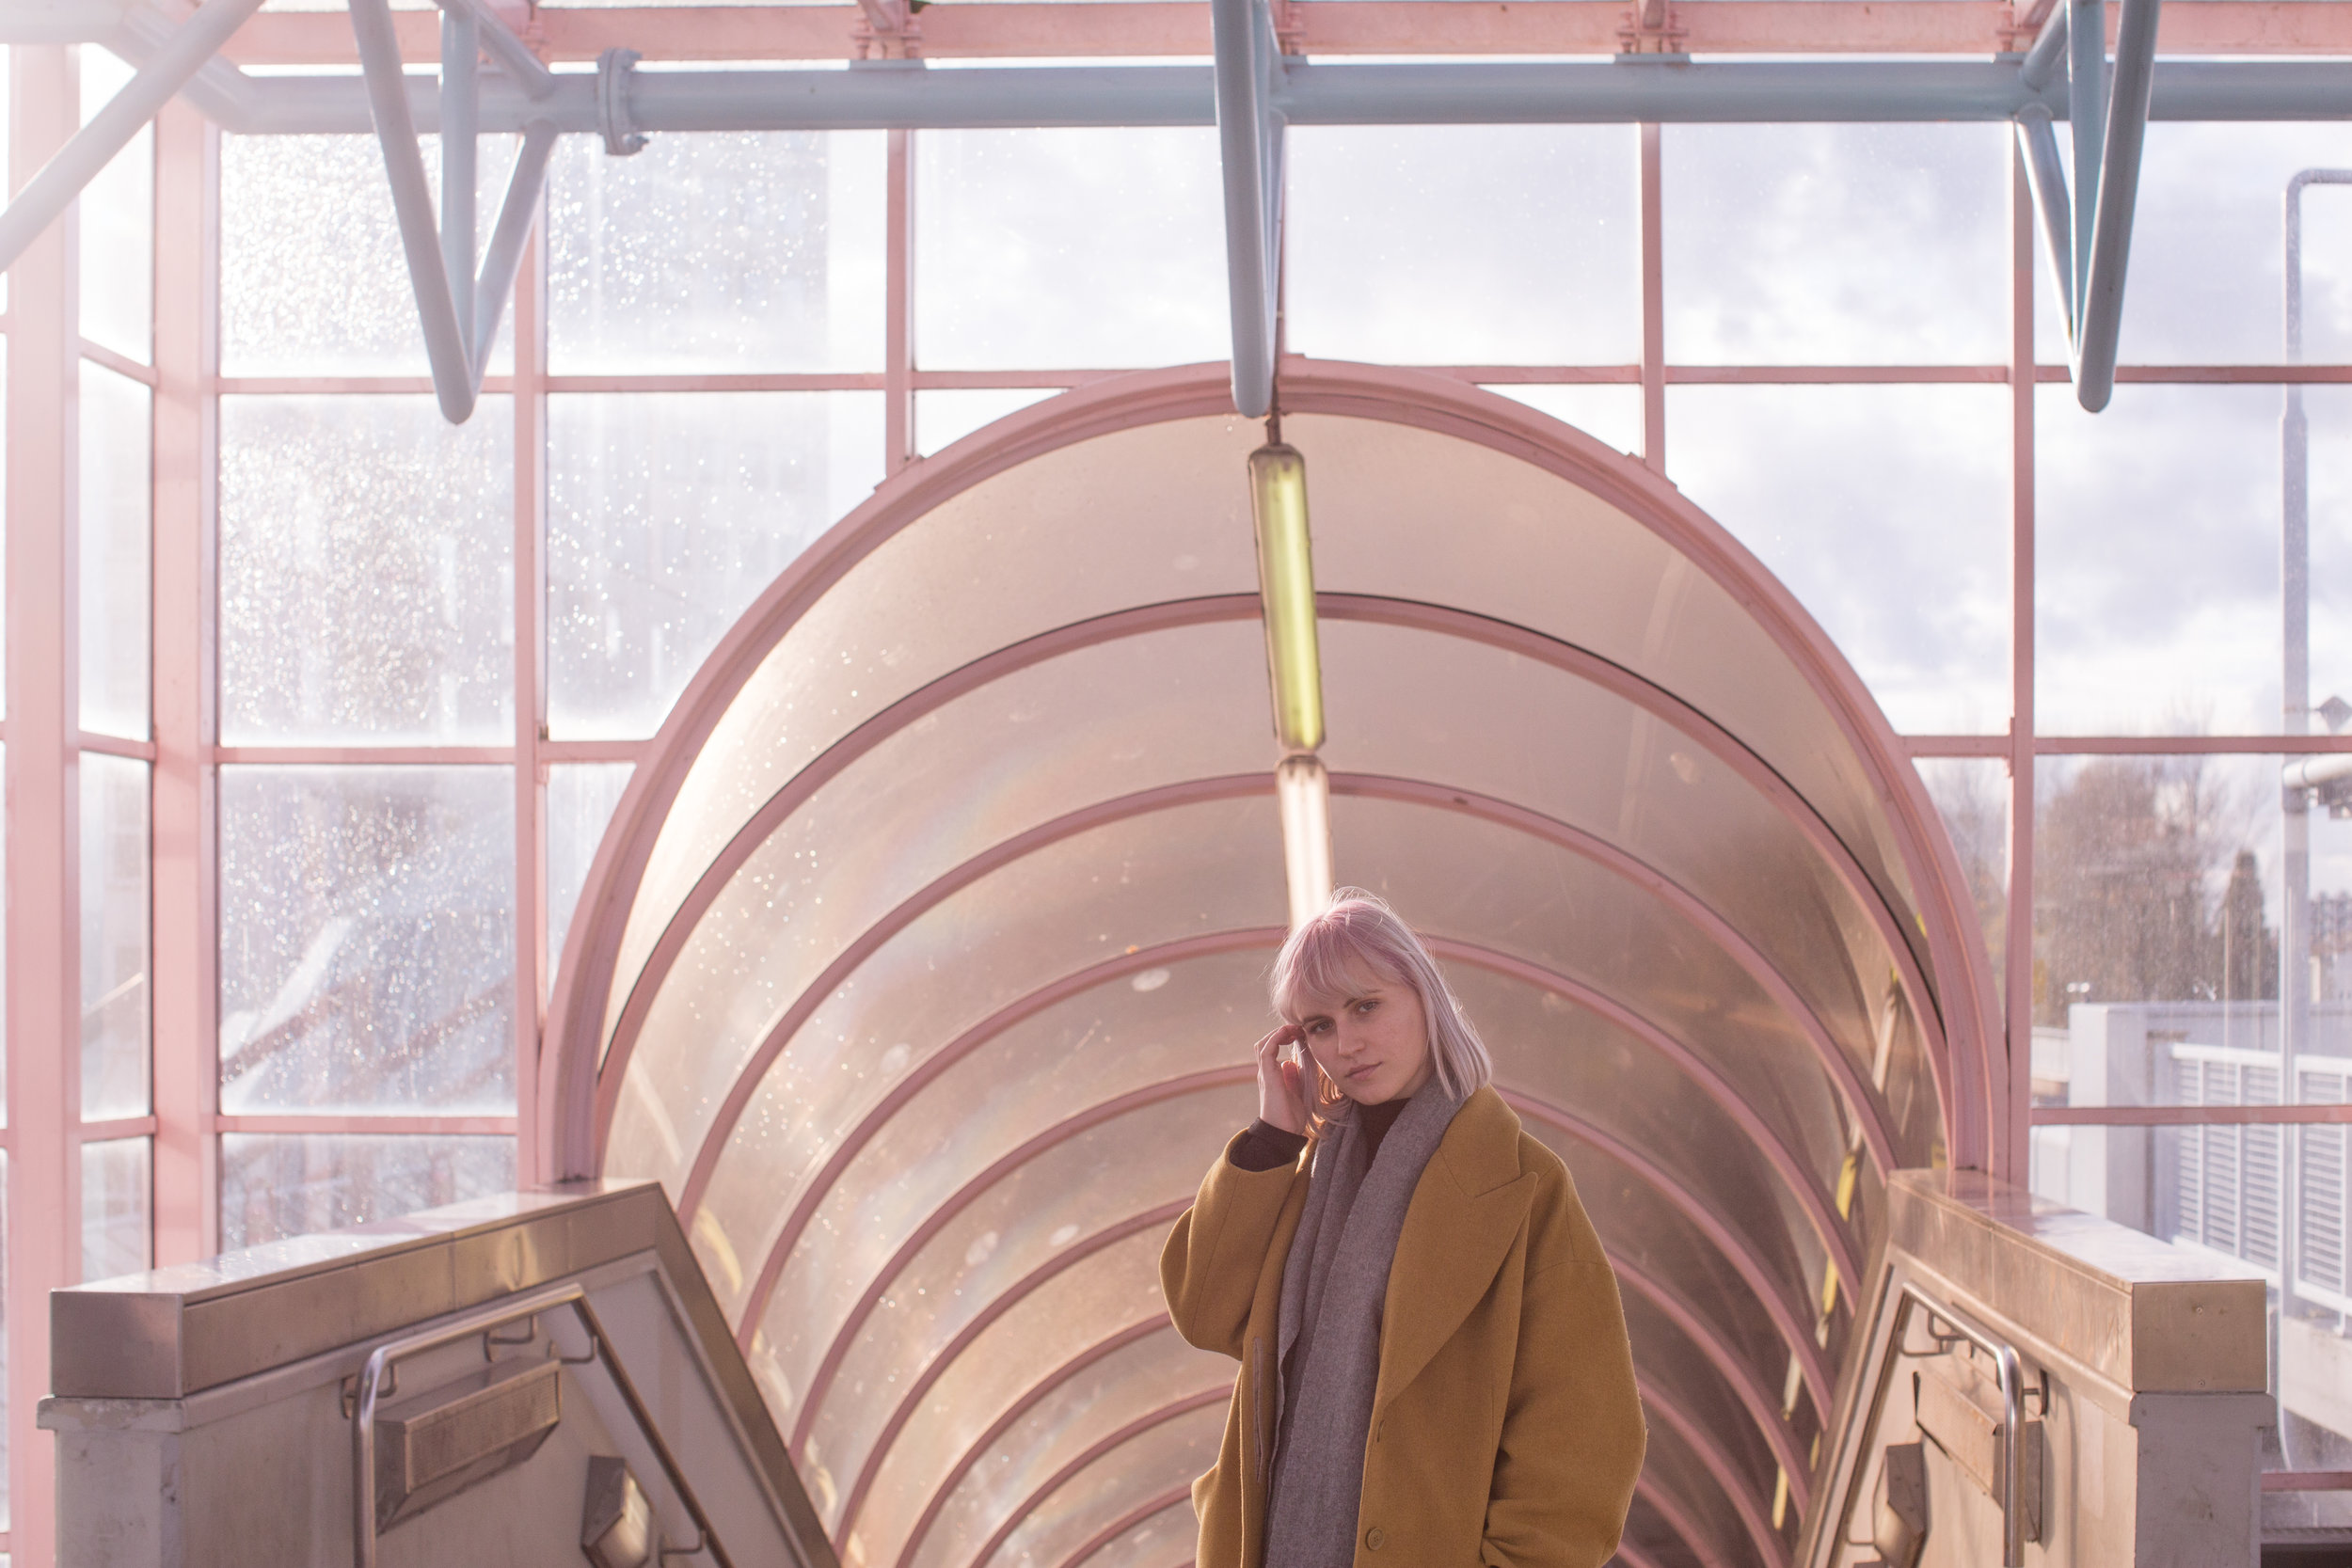 Ivana portrait-VB-KJazbec-02.jpg